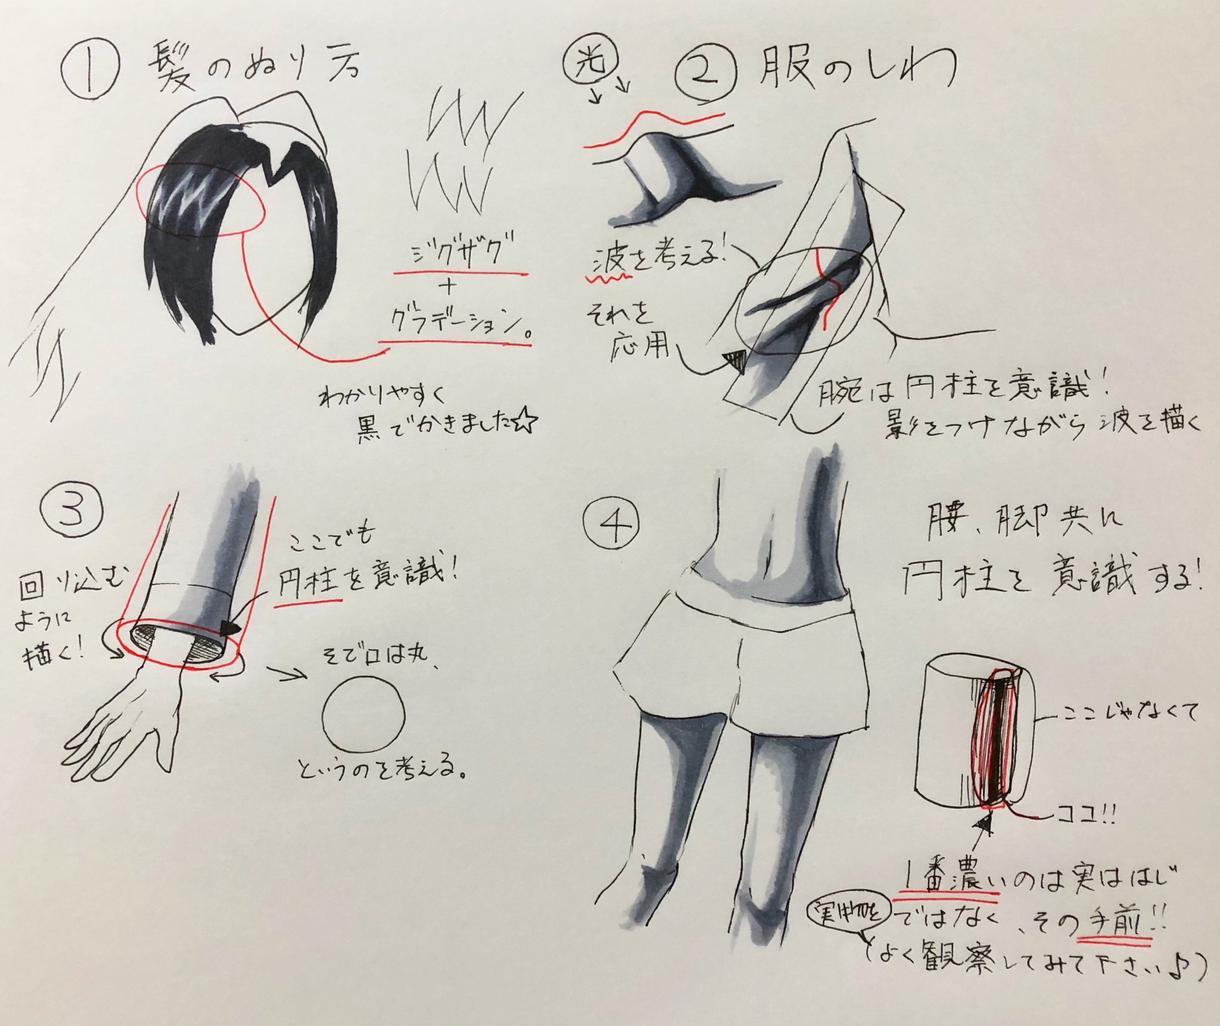 学生必見!格安でコピックイラスト添削致します デッサンの経験から人物の色塗りについてアドバイスします!